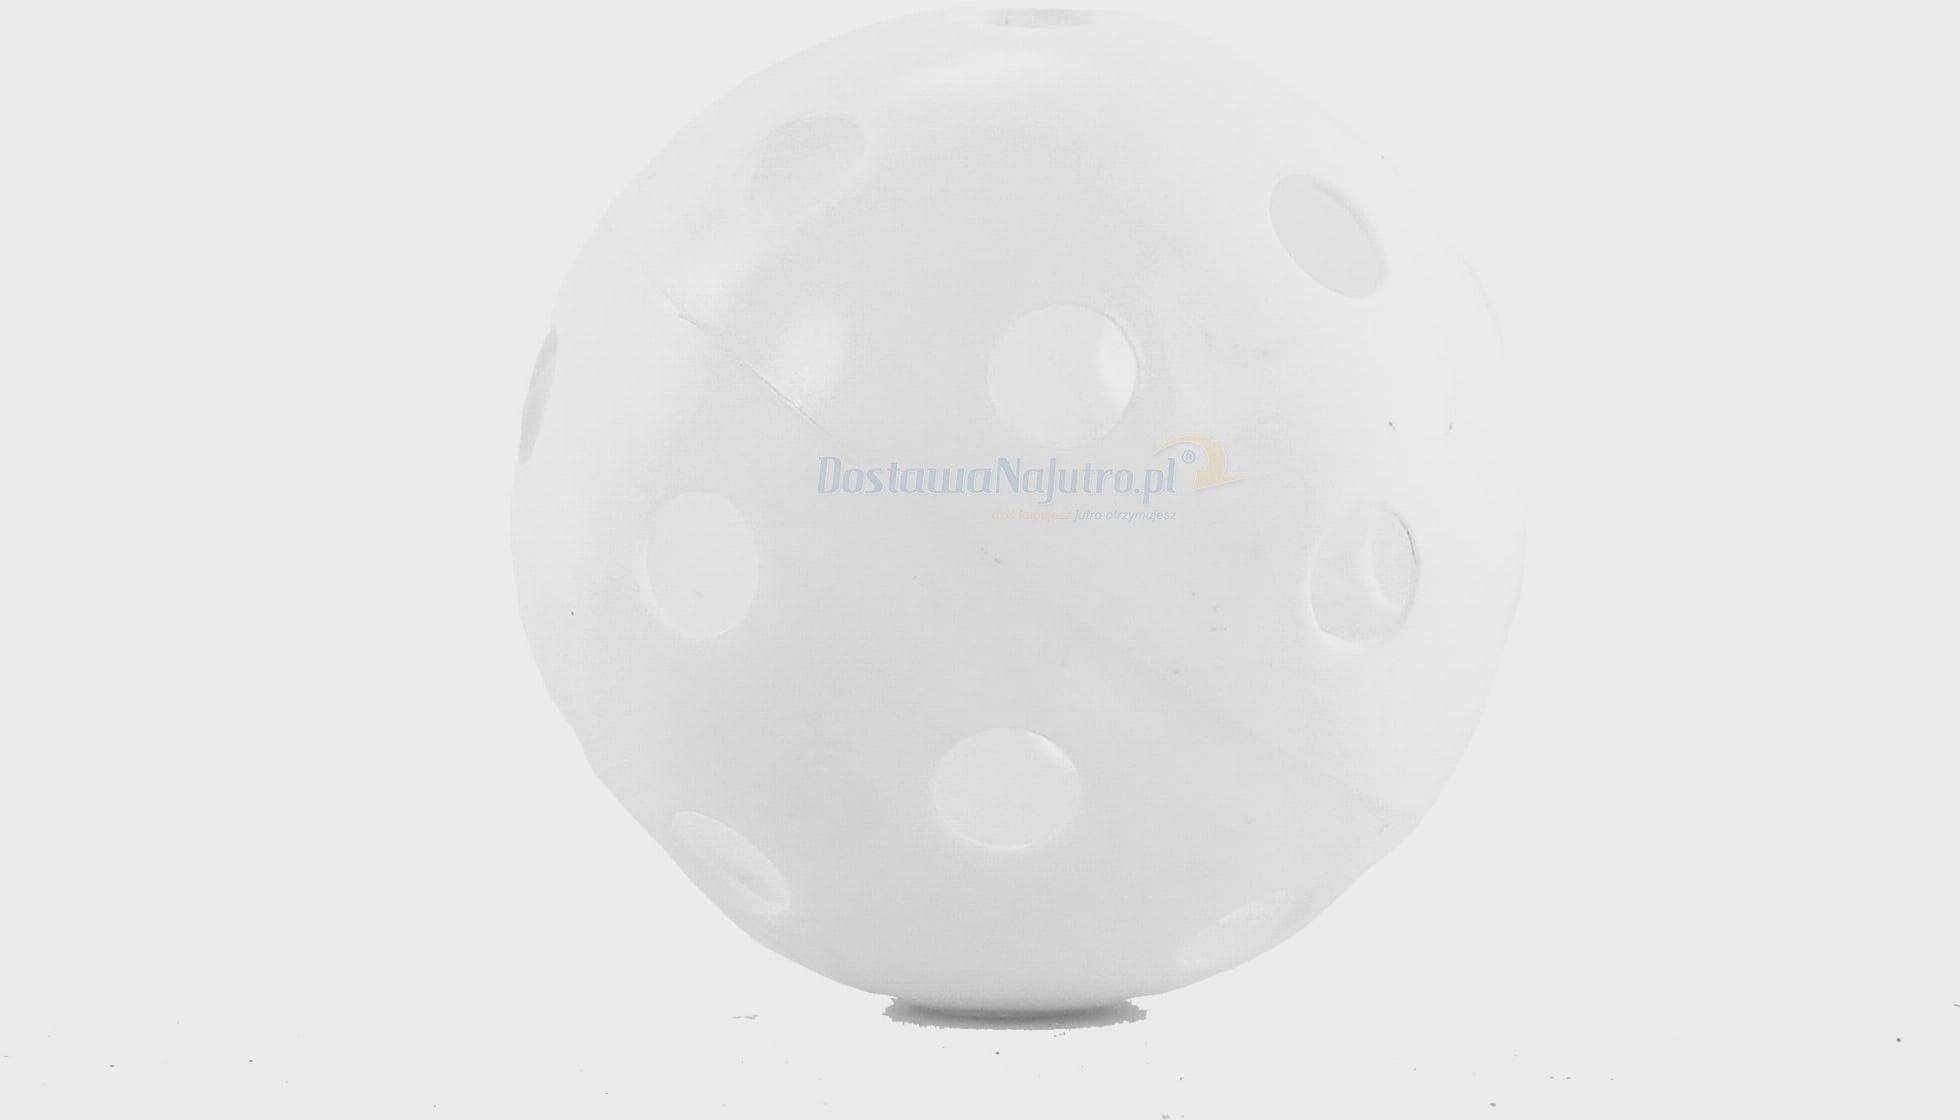 Piłeczka do unihokeja - unihokej piłka